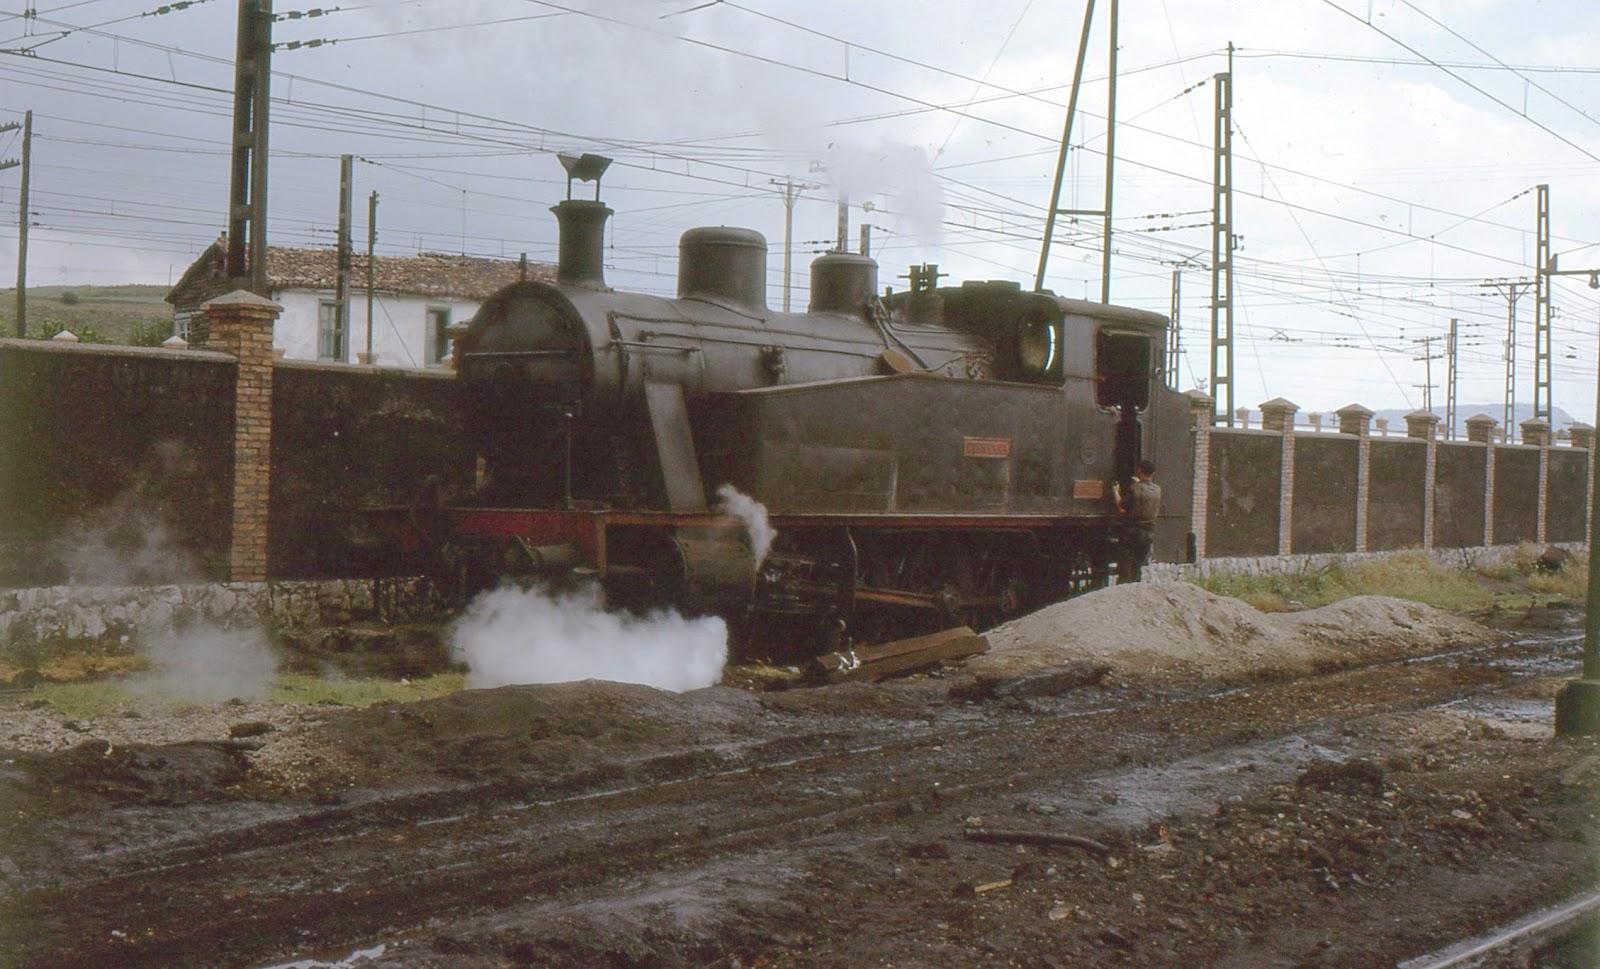 Historias del tren 150 a os de ferrocarril en miranda de ebro for Decoracion 88 miranda de ebro